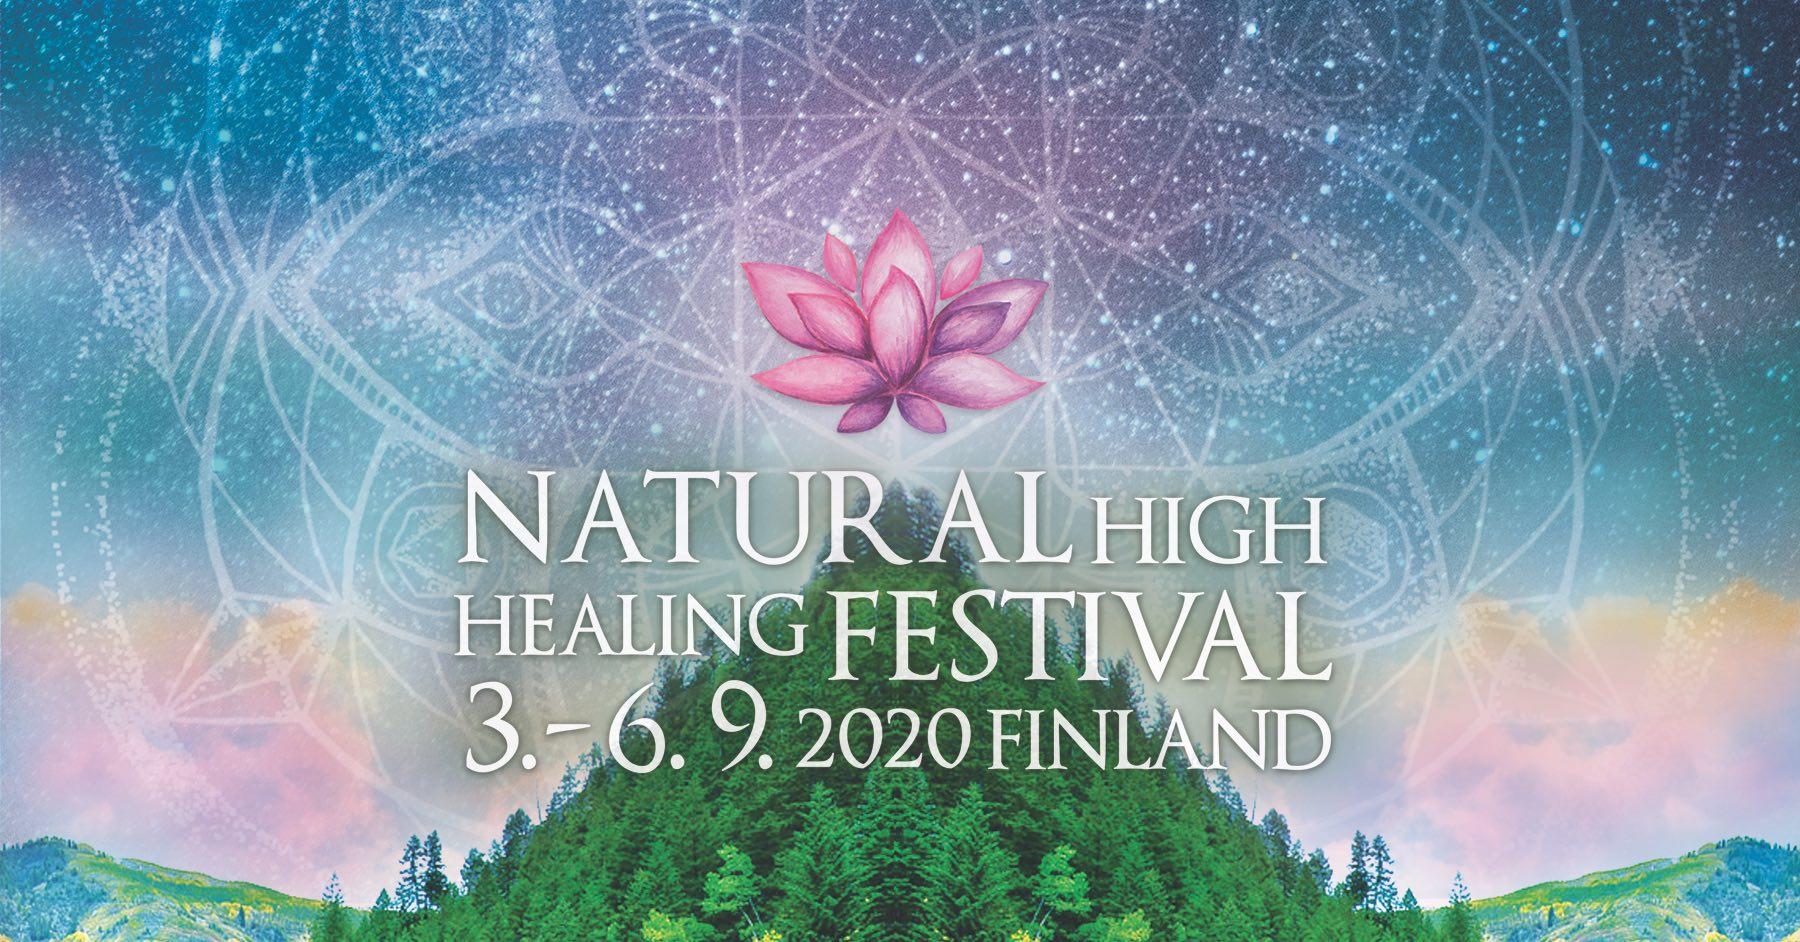 Natural High Healing Festival 2020